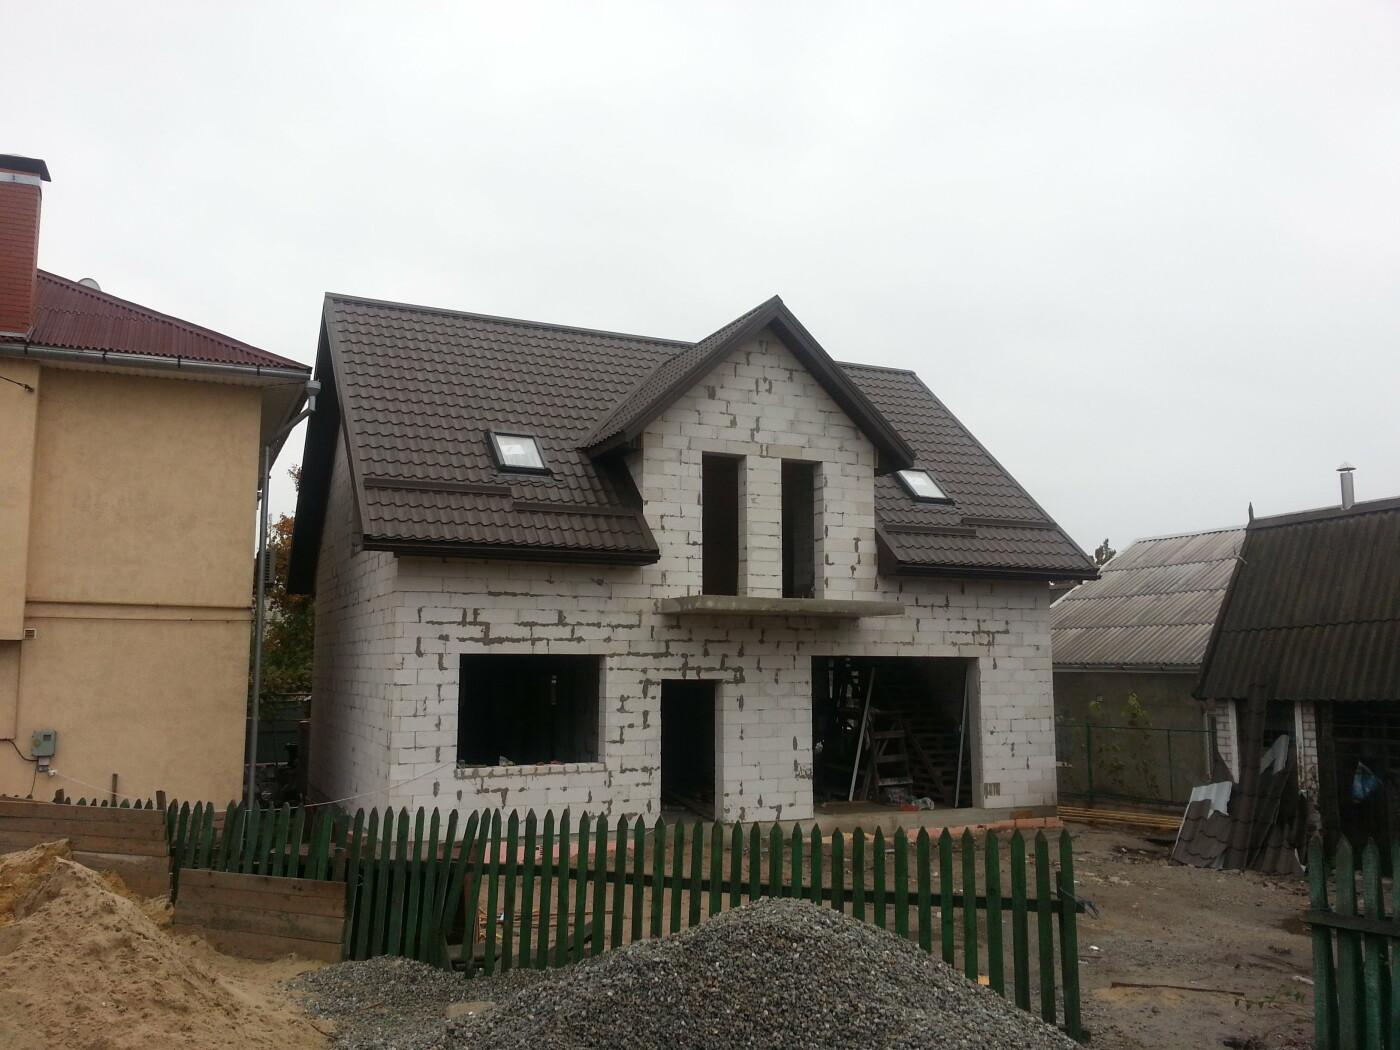 Ремонт и строительство в Запорожье - что предлагают компании, фото-7